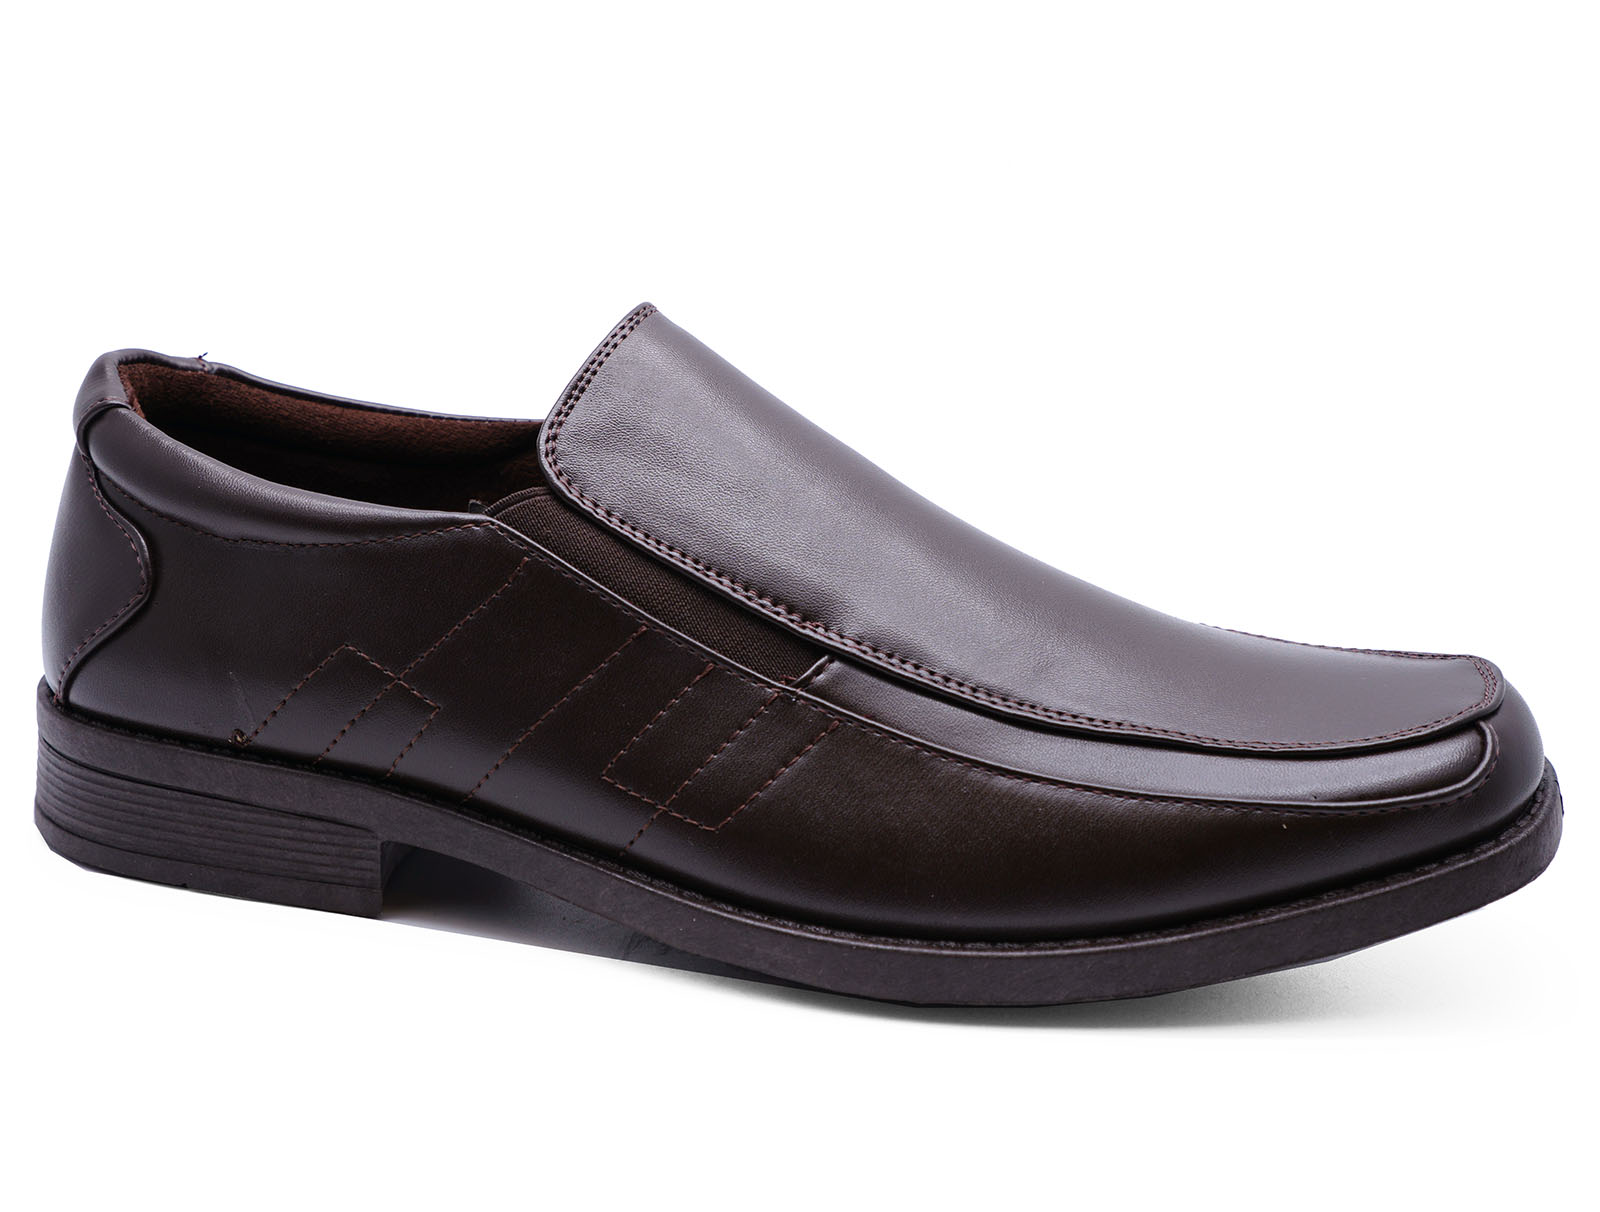 tailles 7 confortables Chaussures à talons brun homme et 12 pour mariage élégantes aiguilles WPpvOfP